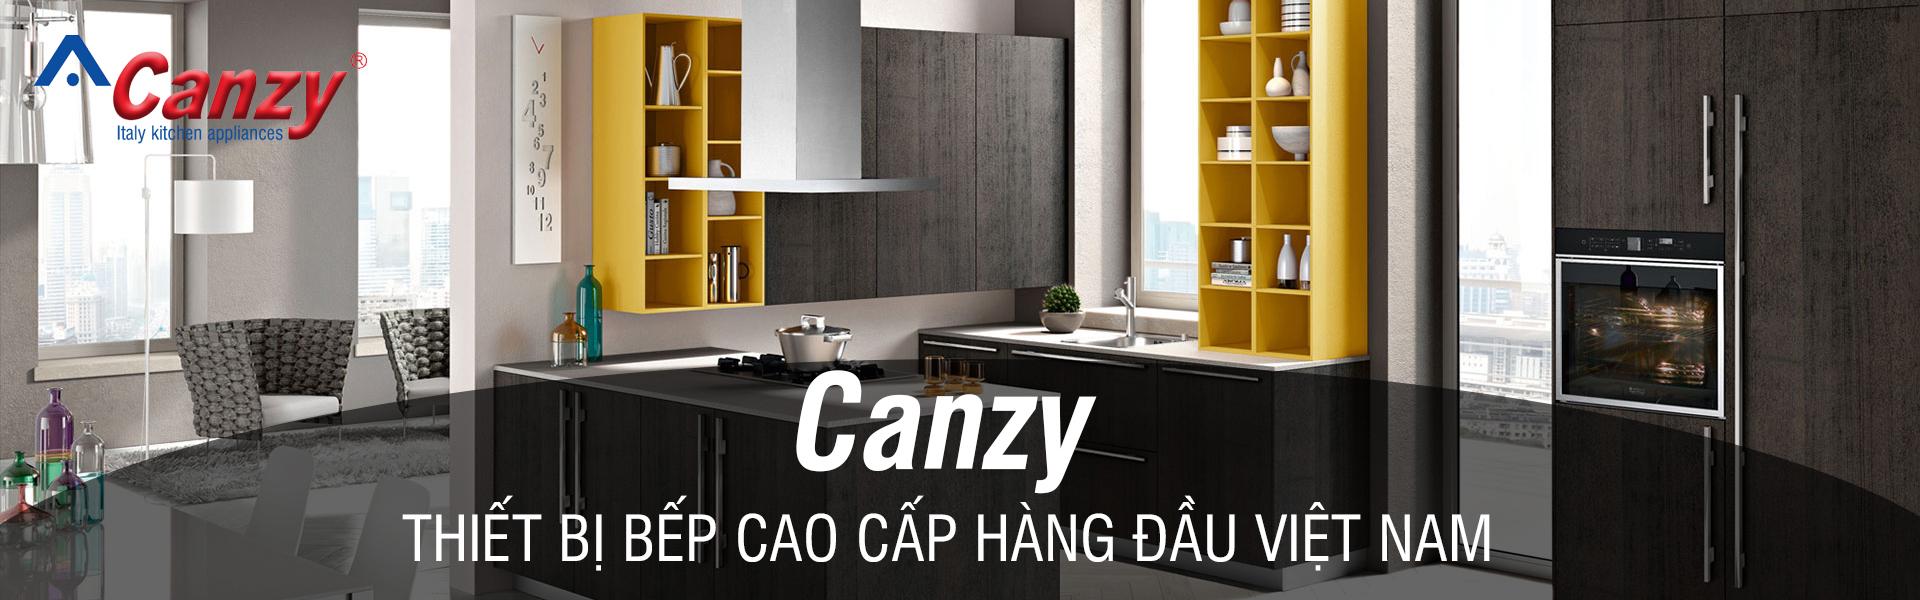 Máy sấy chén Canzy